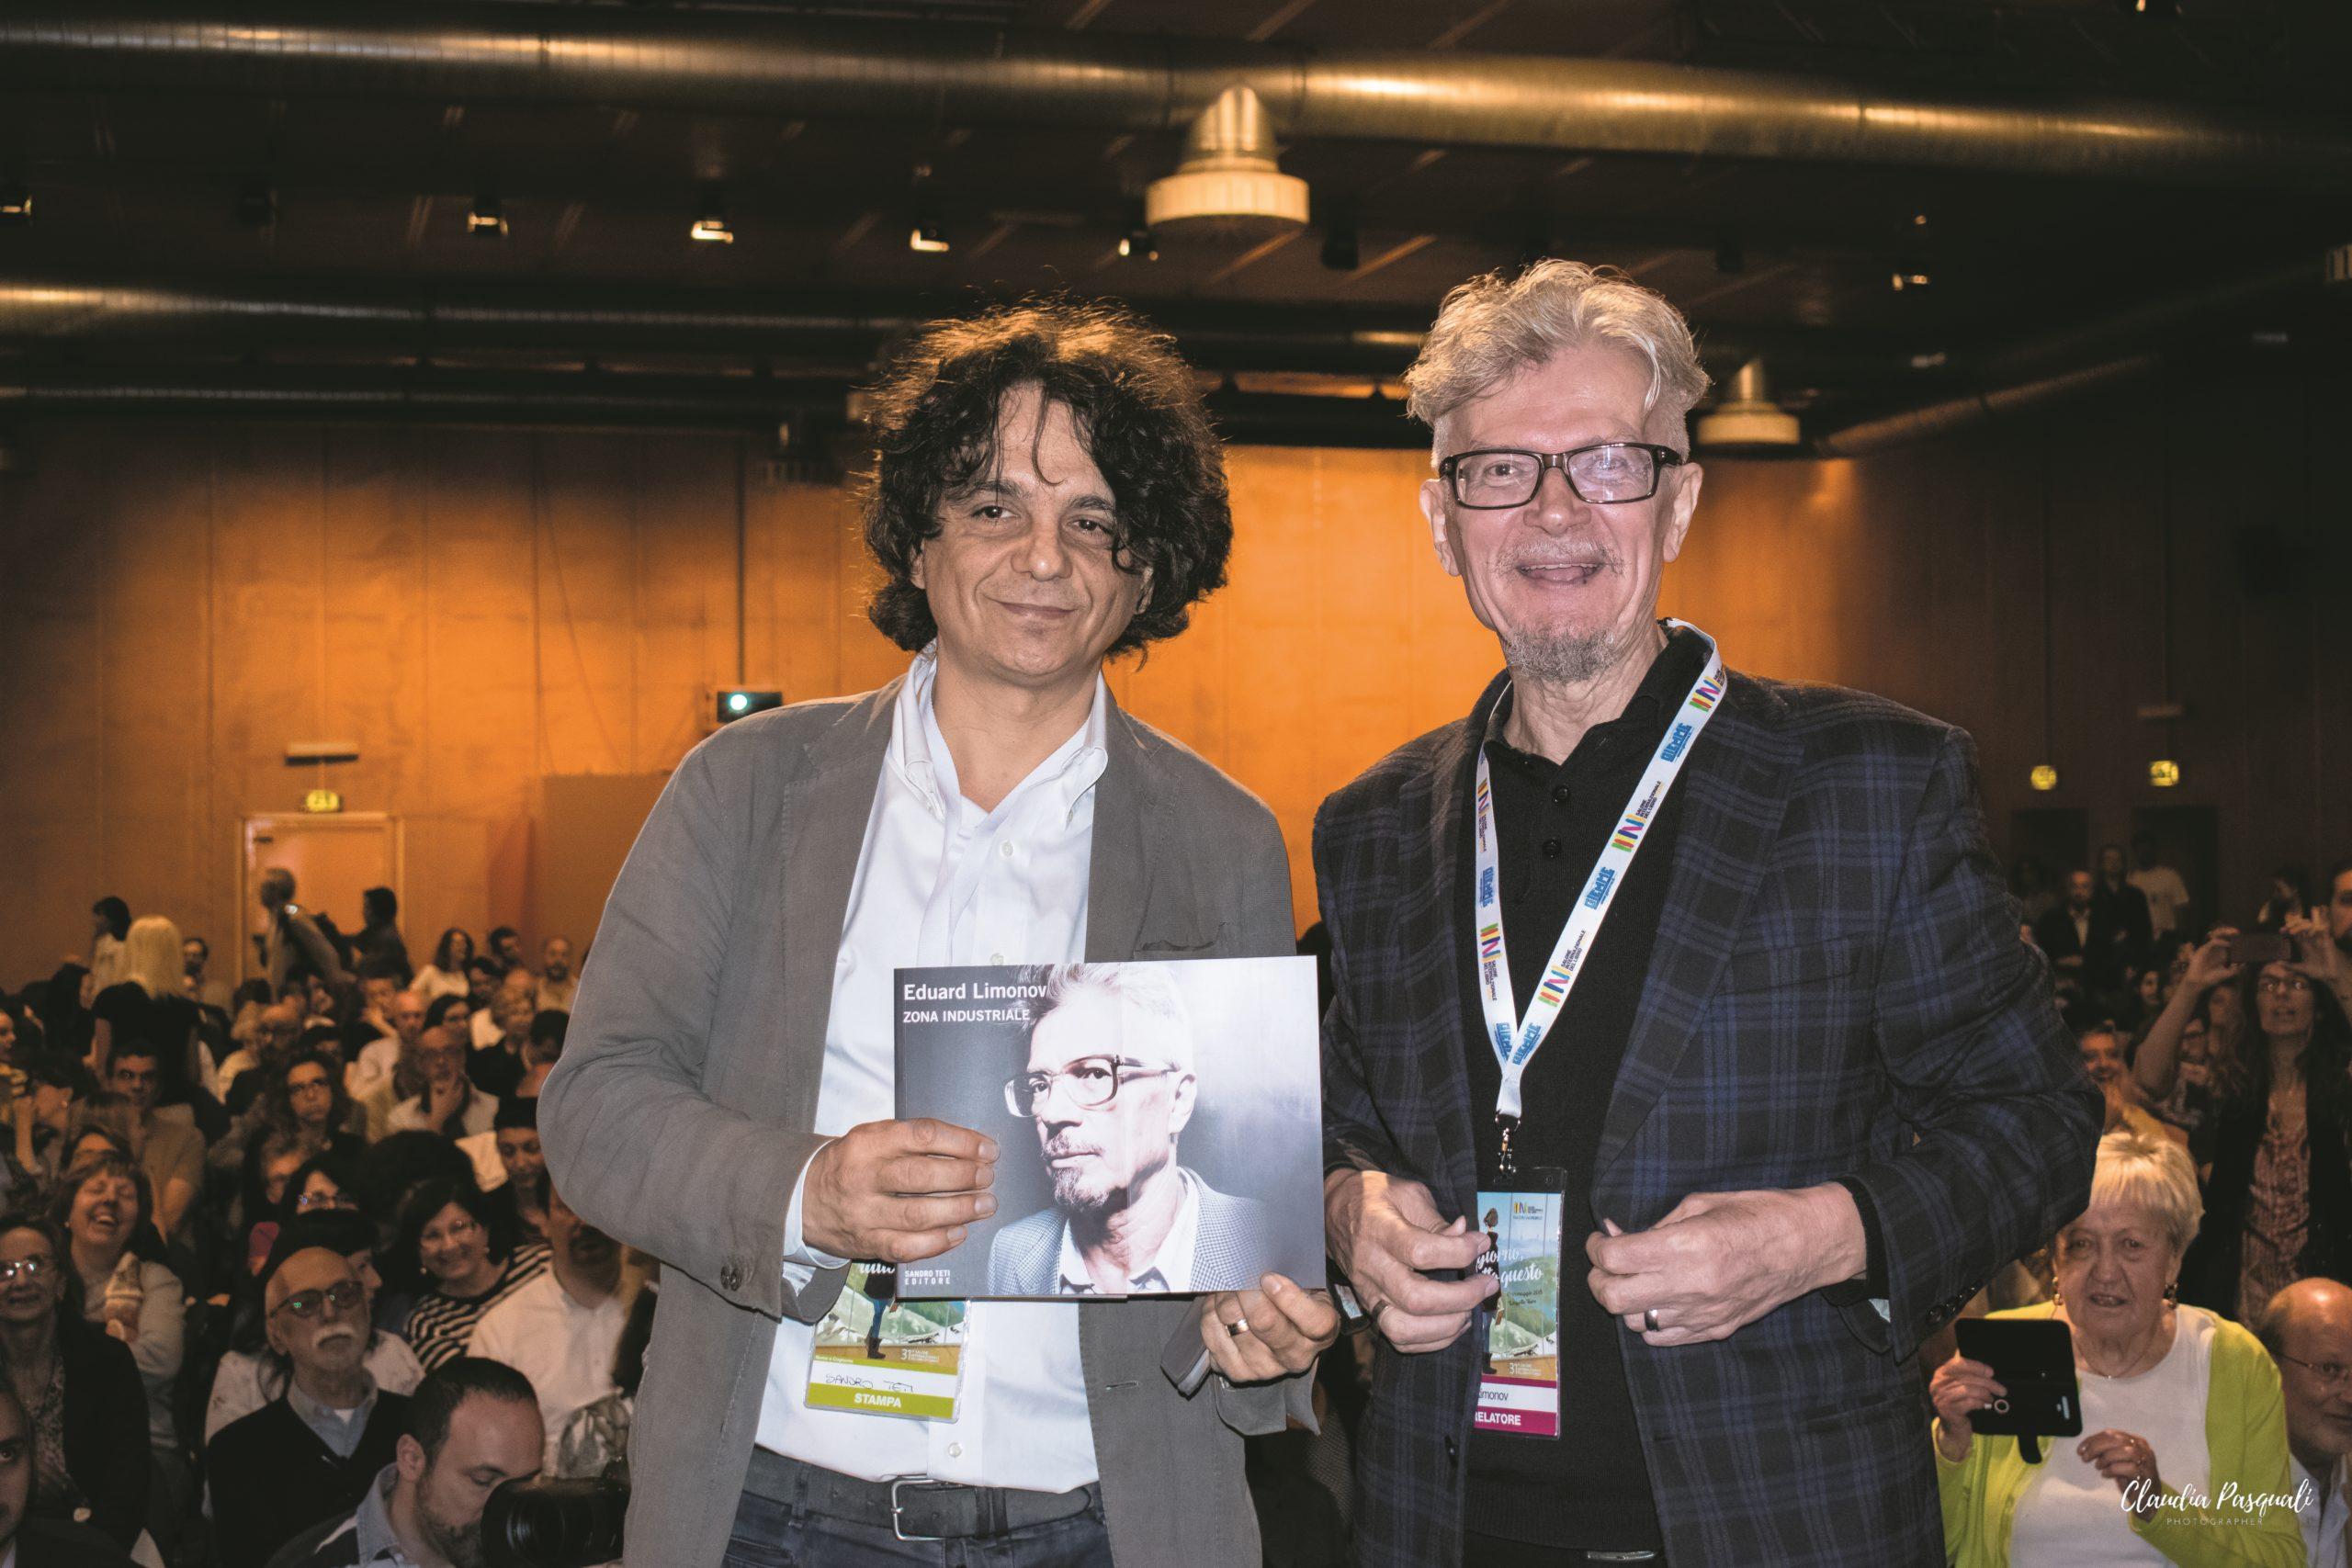 """Presentazione del libro """"Zona industriale"""" di Eduard Limonov presso il Salone del libro di Torino. L'editore Sandro Teti e Eduard Limonov."""